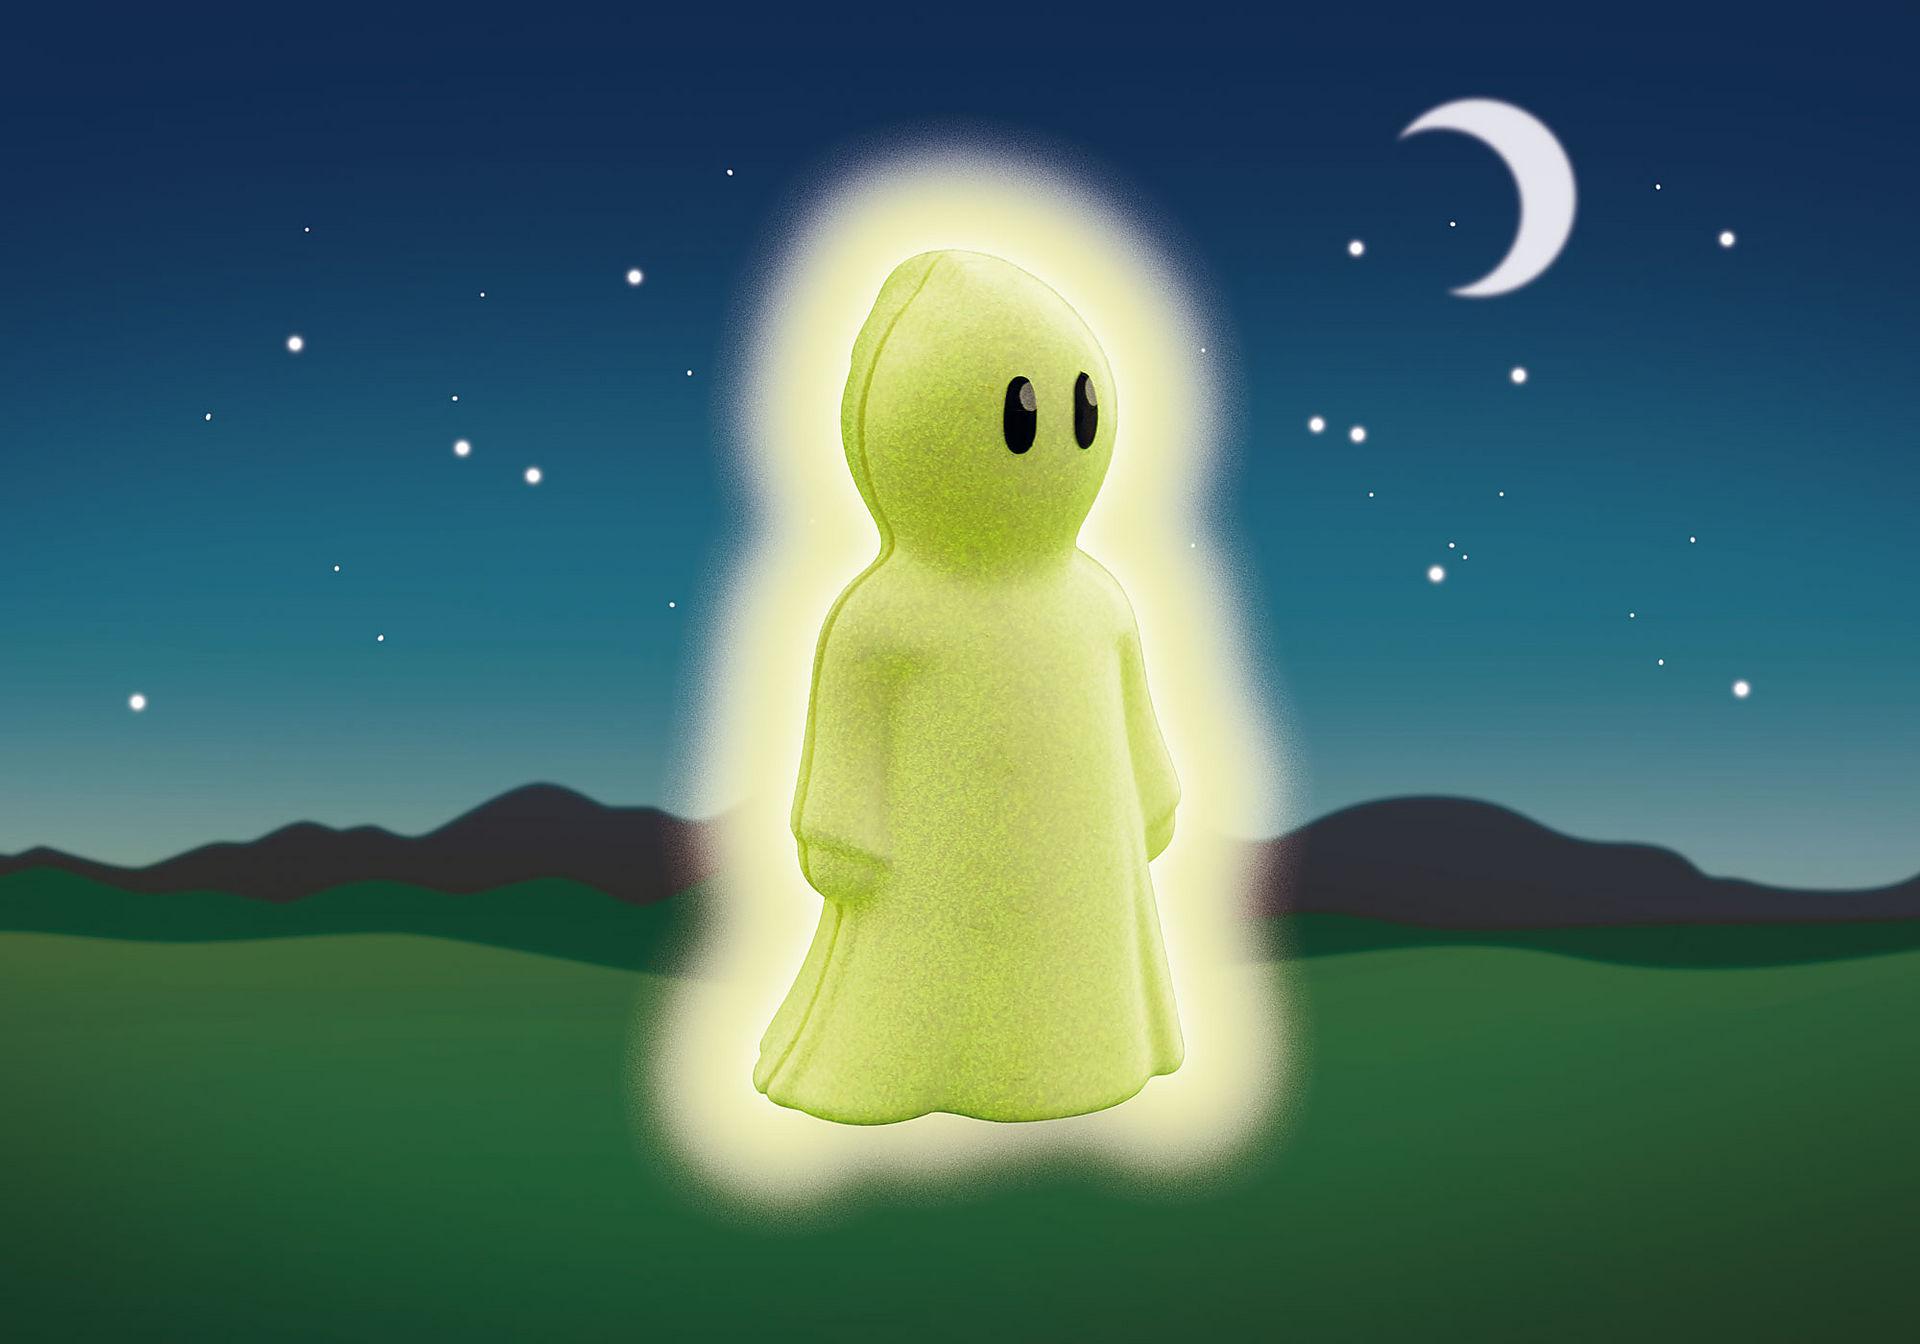 70128 Cavaliere con Fantasma 1.2.3 zoom image4